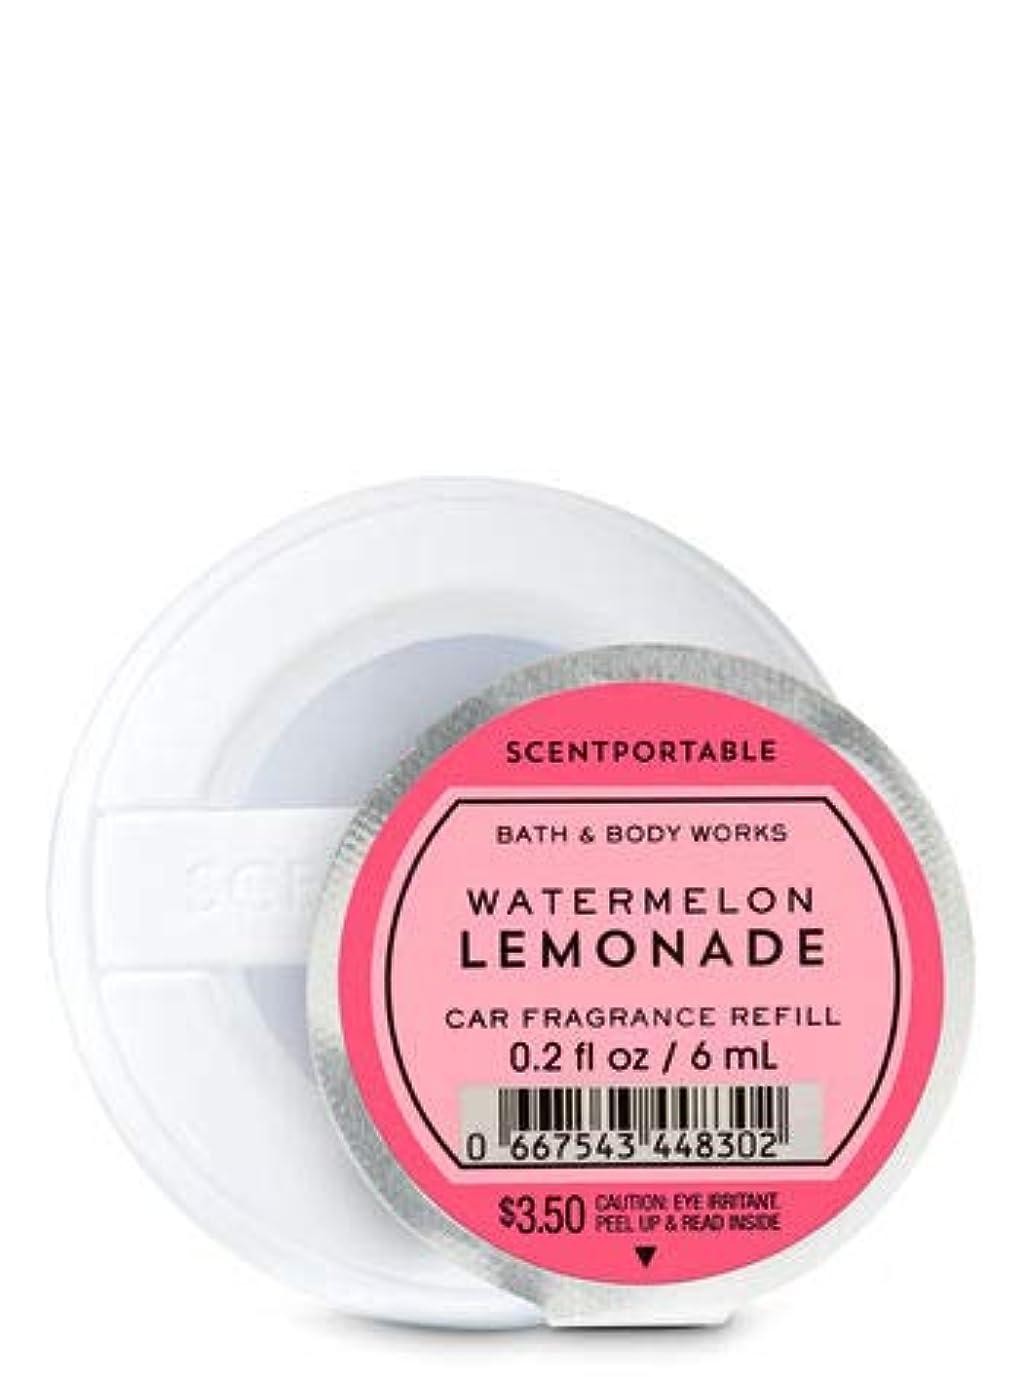 監査黒人気がついて【Bath&Body Works/バス&ボディワークス】 クリップ式芳香剤 セントポータブル詰替えリフィル ウォーターメロンレモネード Scentportable Fragrance Refill Watermelon Lemonade [並行輸入品]